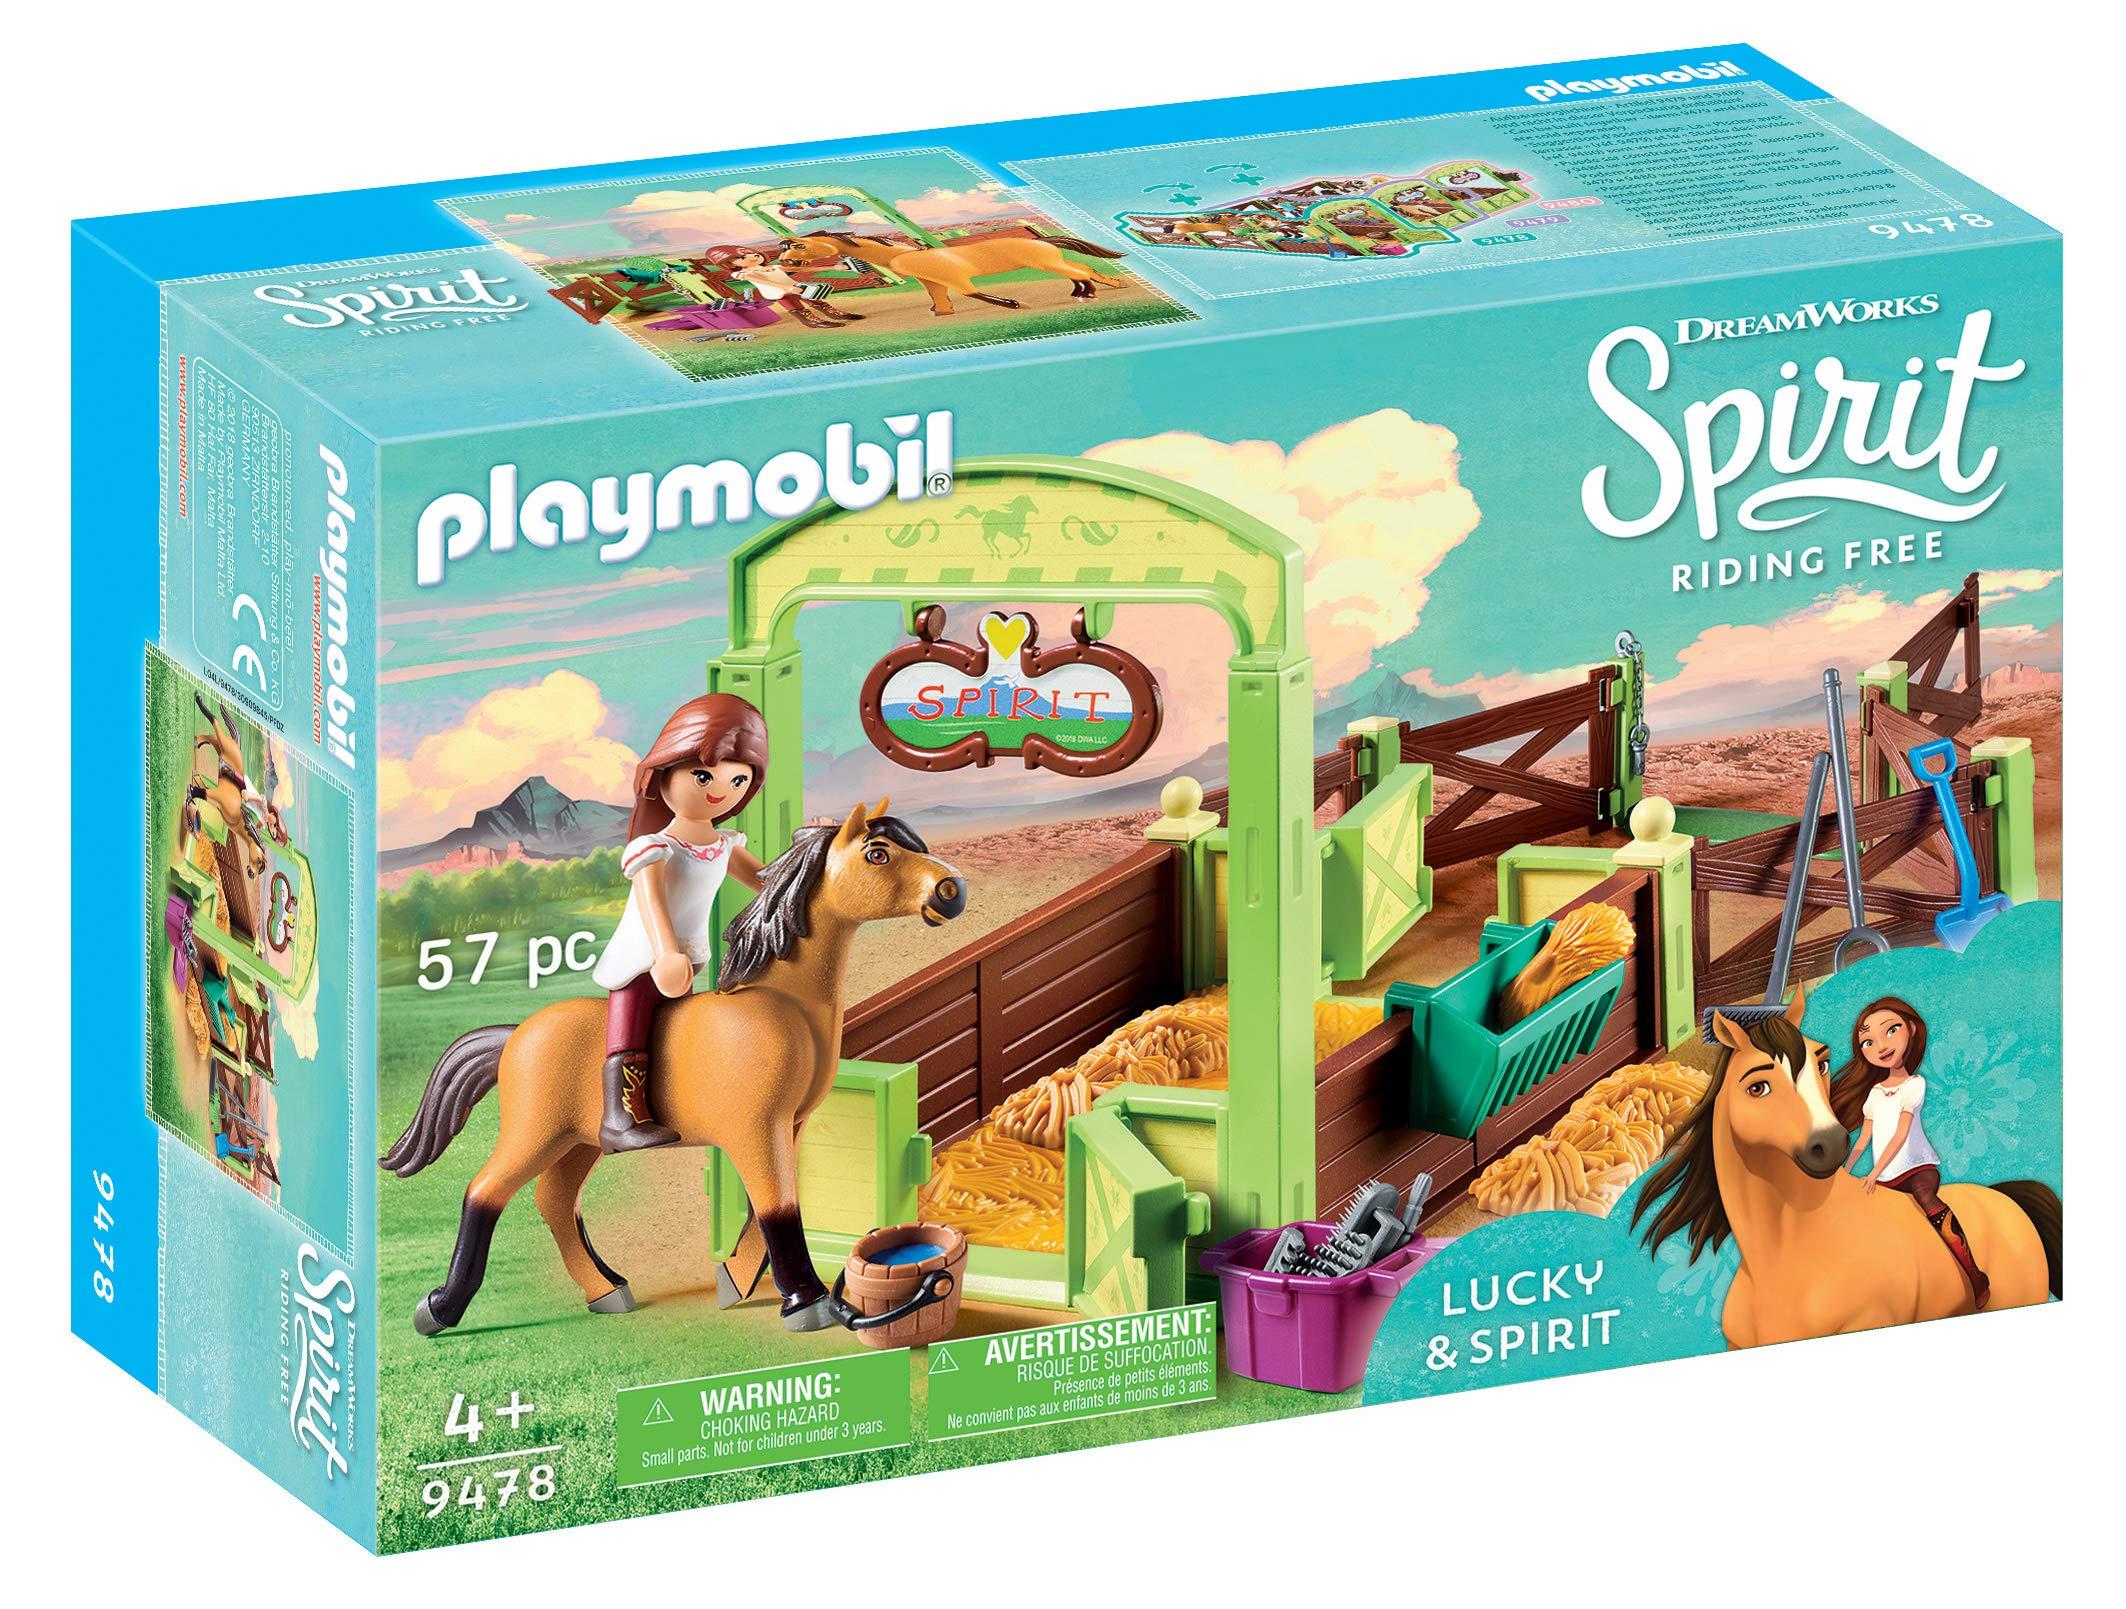 PLAYMOBIL 9475 Spielzeug-Luckys glückliches Zuhause &  9478 Spielzeug-Pferdebox Lucky & Spirit